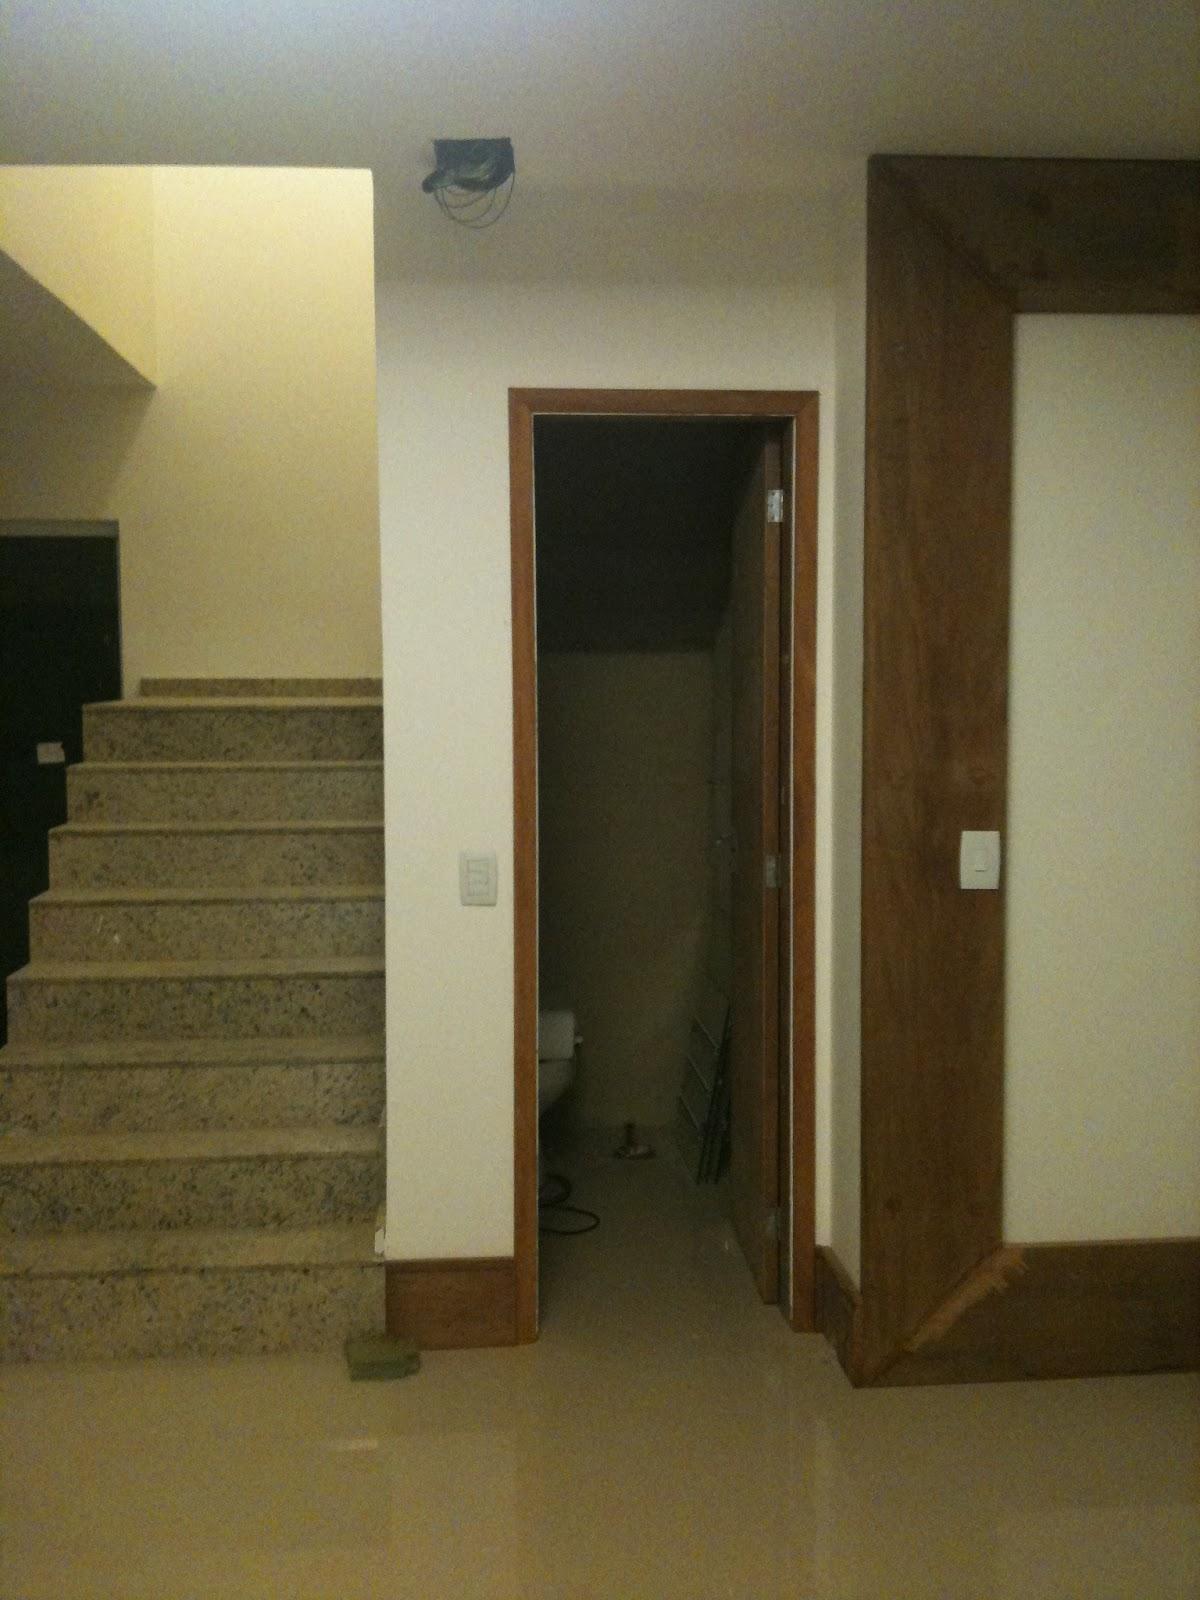 DecorandoShow: Meu lavabo embaixo da escada #372E18 1200 1600